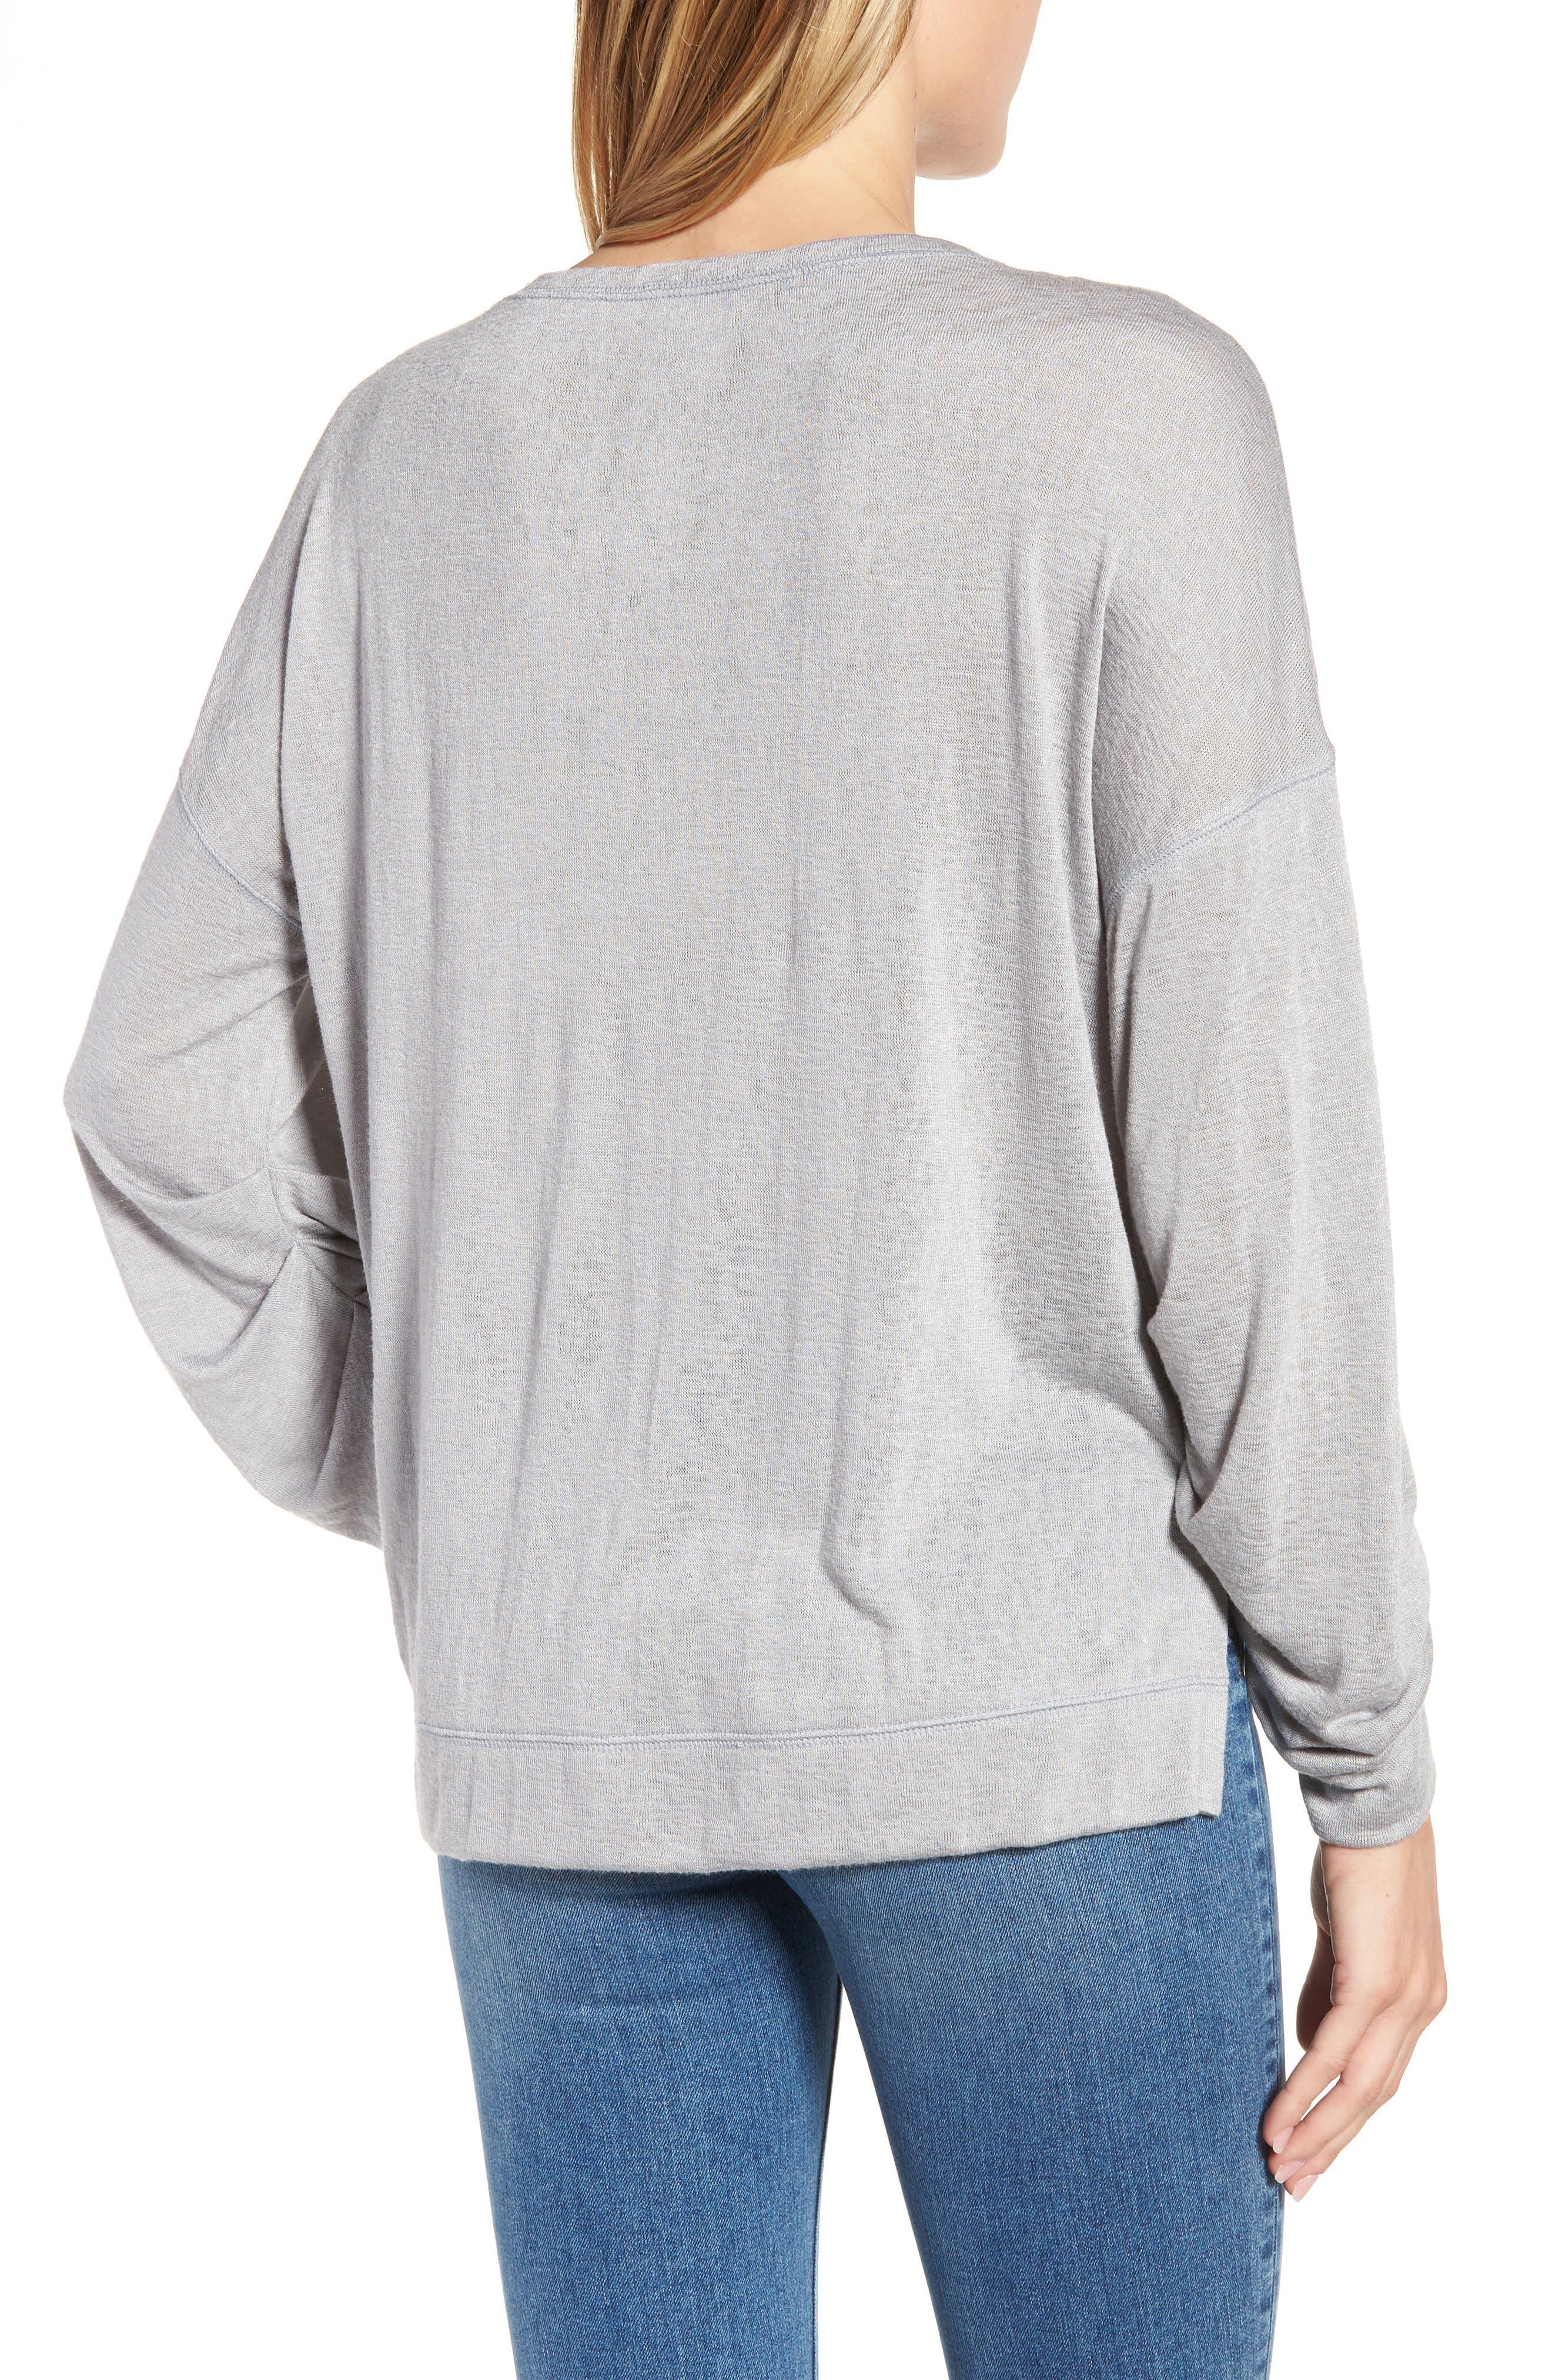 Tuck Sleeve Sweatshirt,                             Alternate thumbnail 9, color,